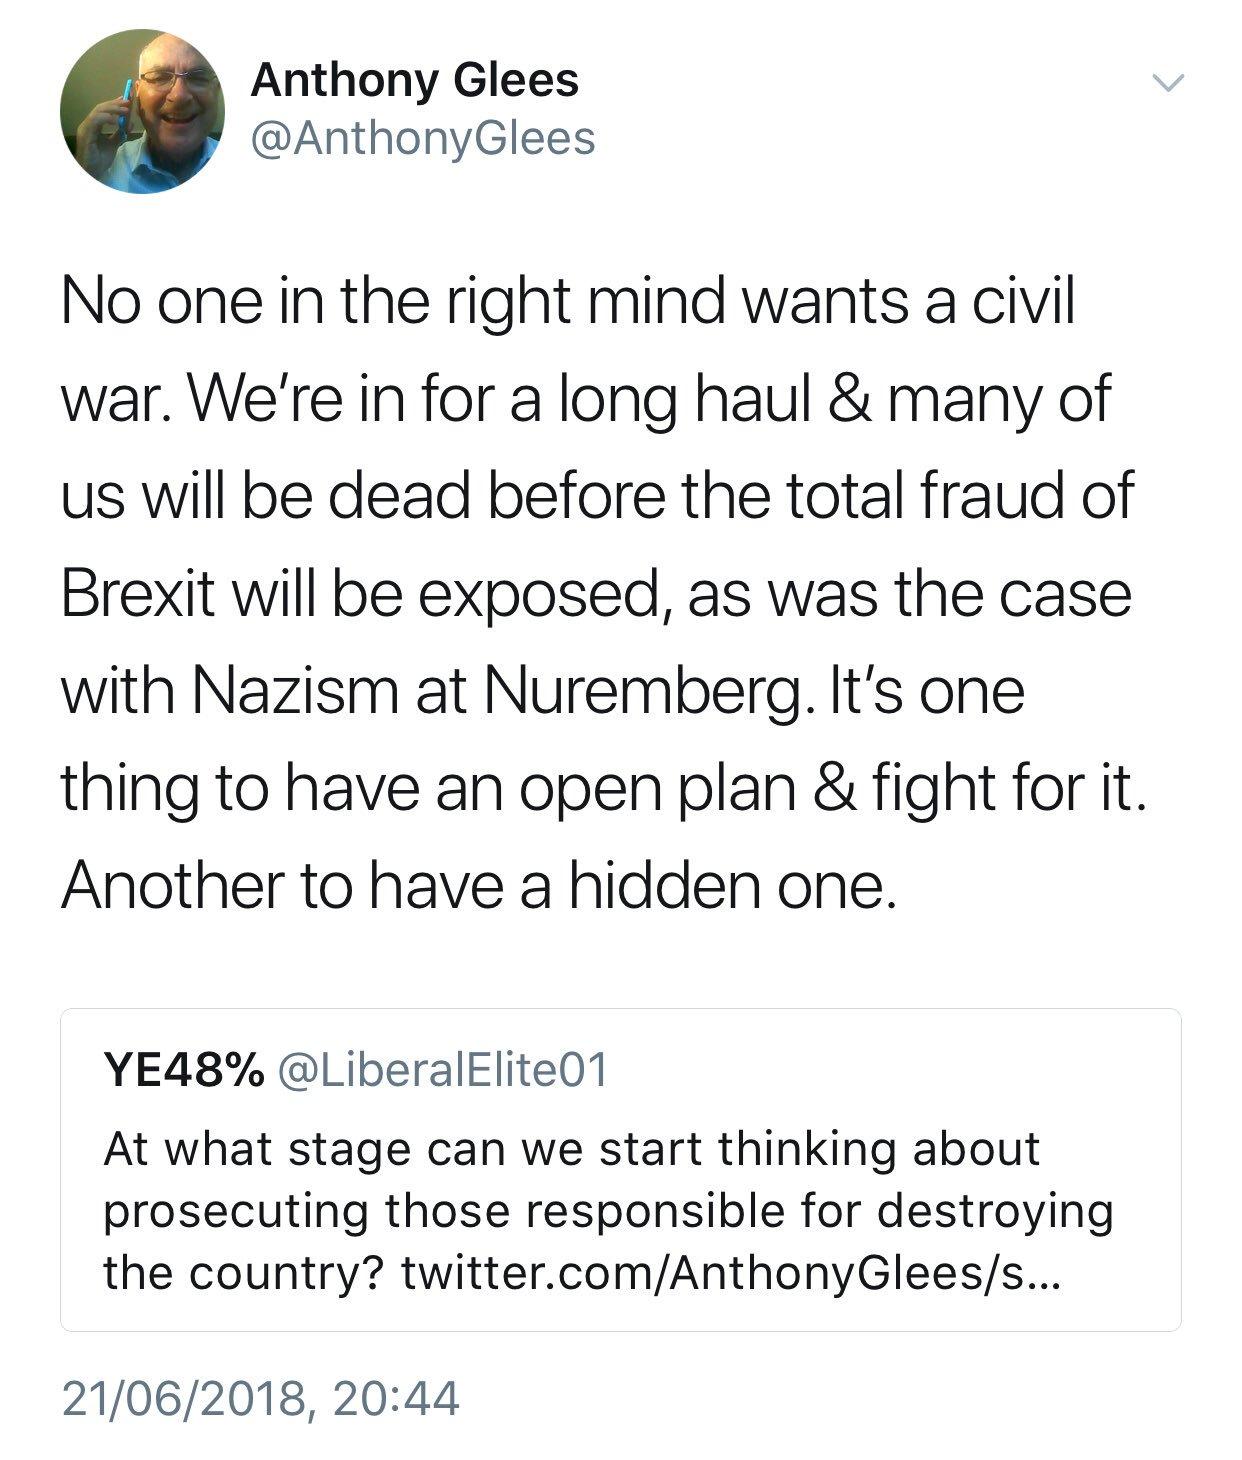 Professor @AnthonyGlees has gone full Grayling. https://t.co/SwaLmPdjXF